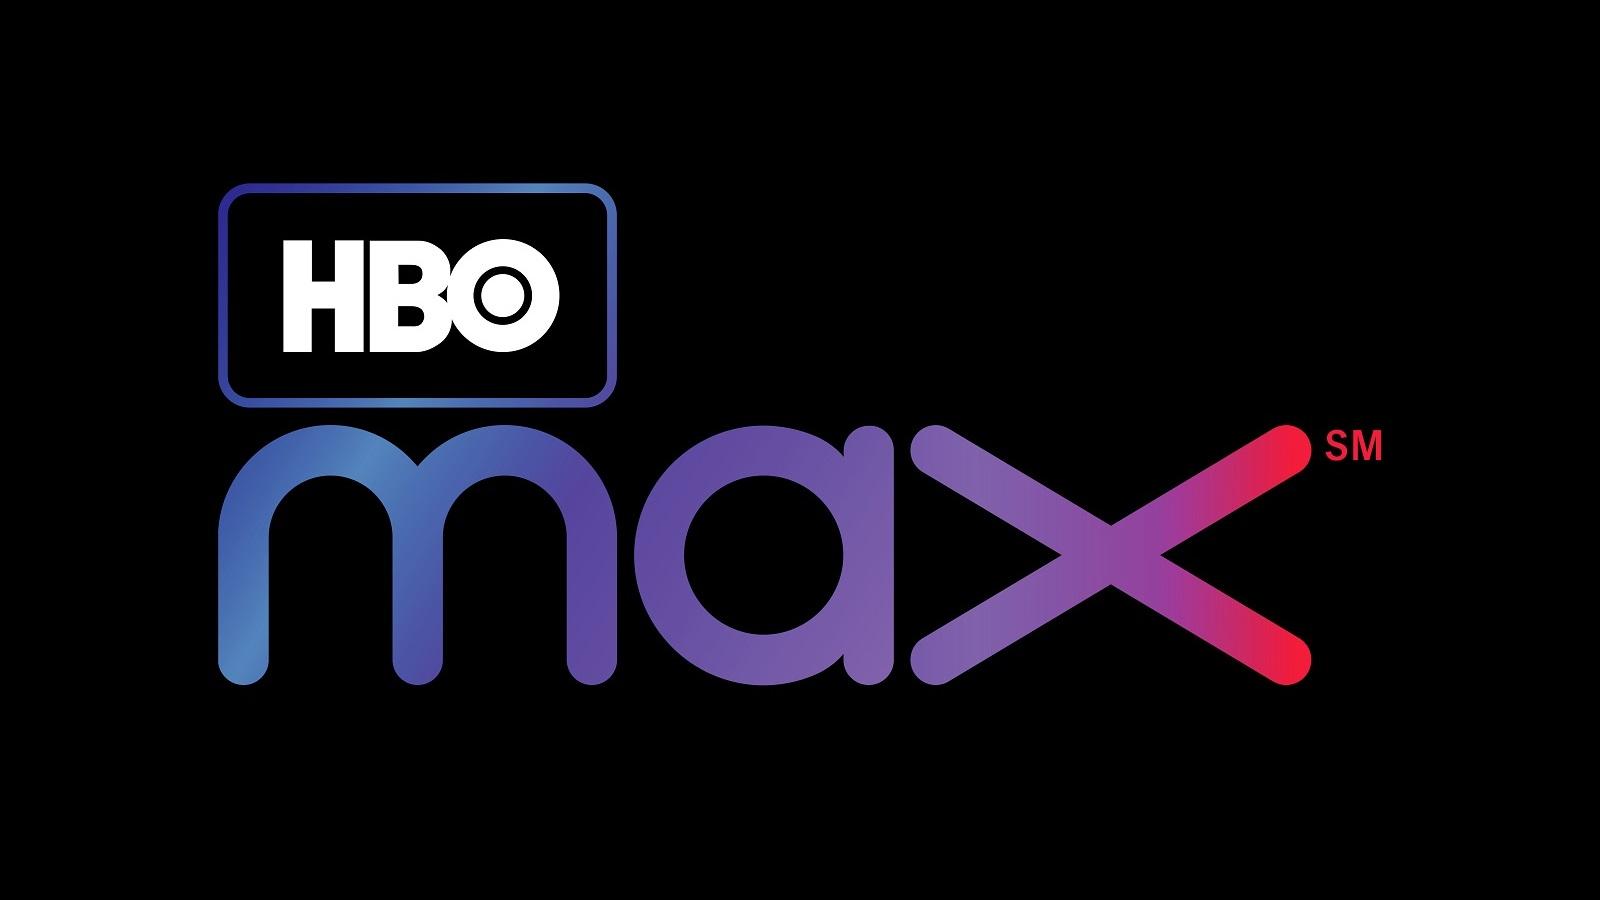 Стриминговый сервис HBO Max запустится в мае 2020 года